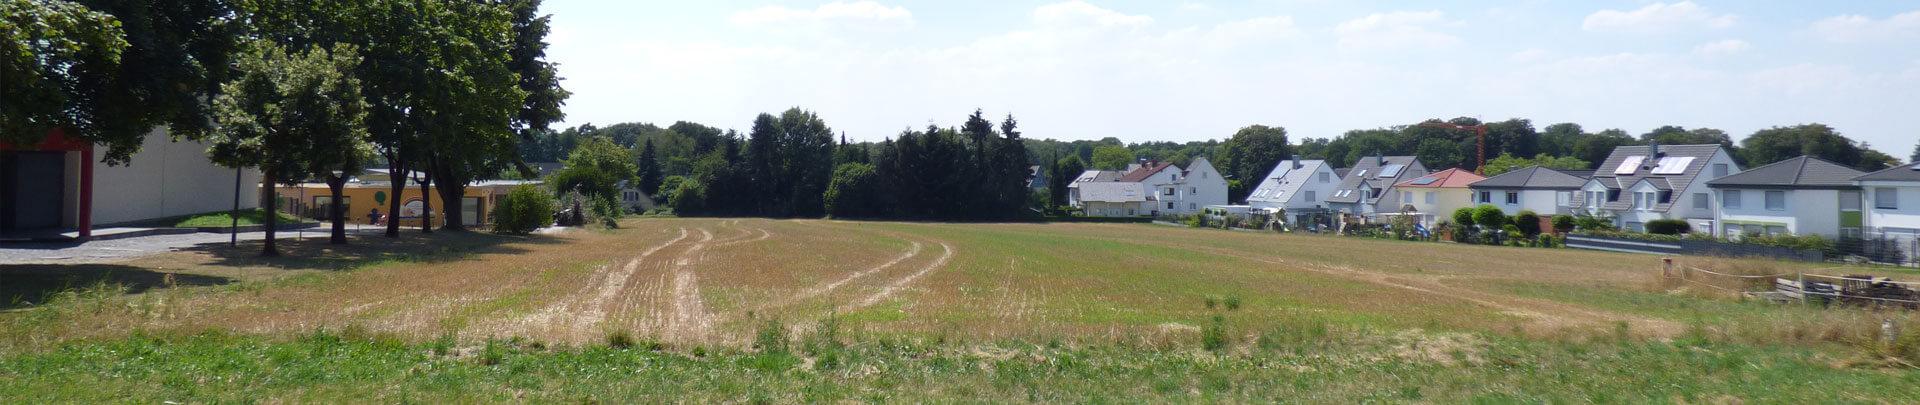 Sommerkamp-Feld